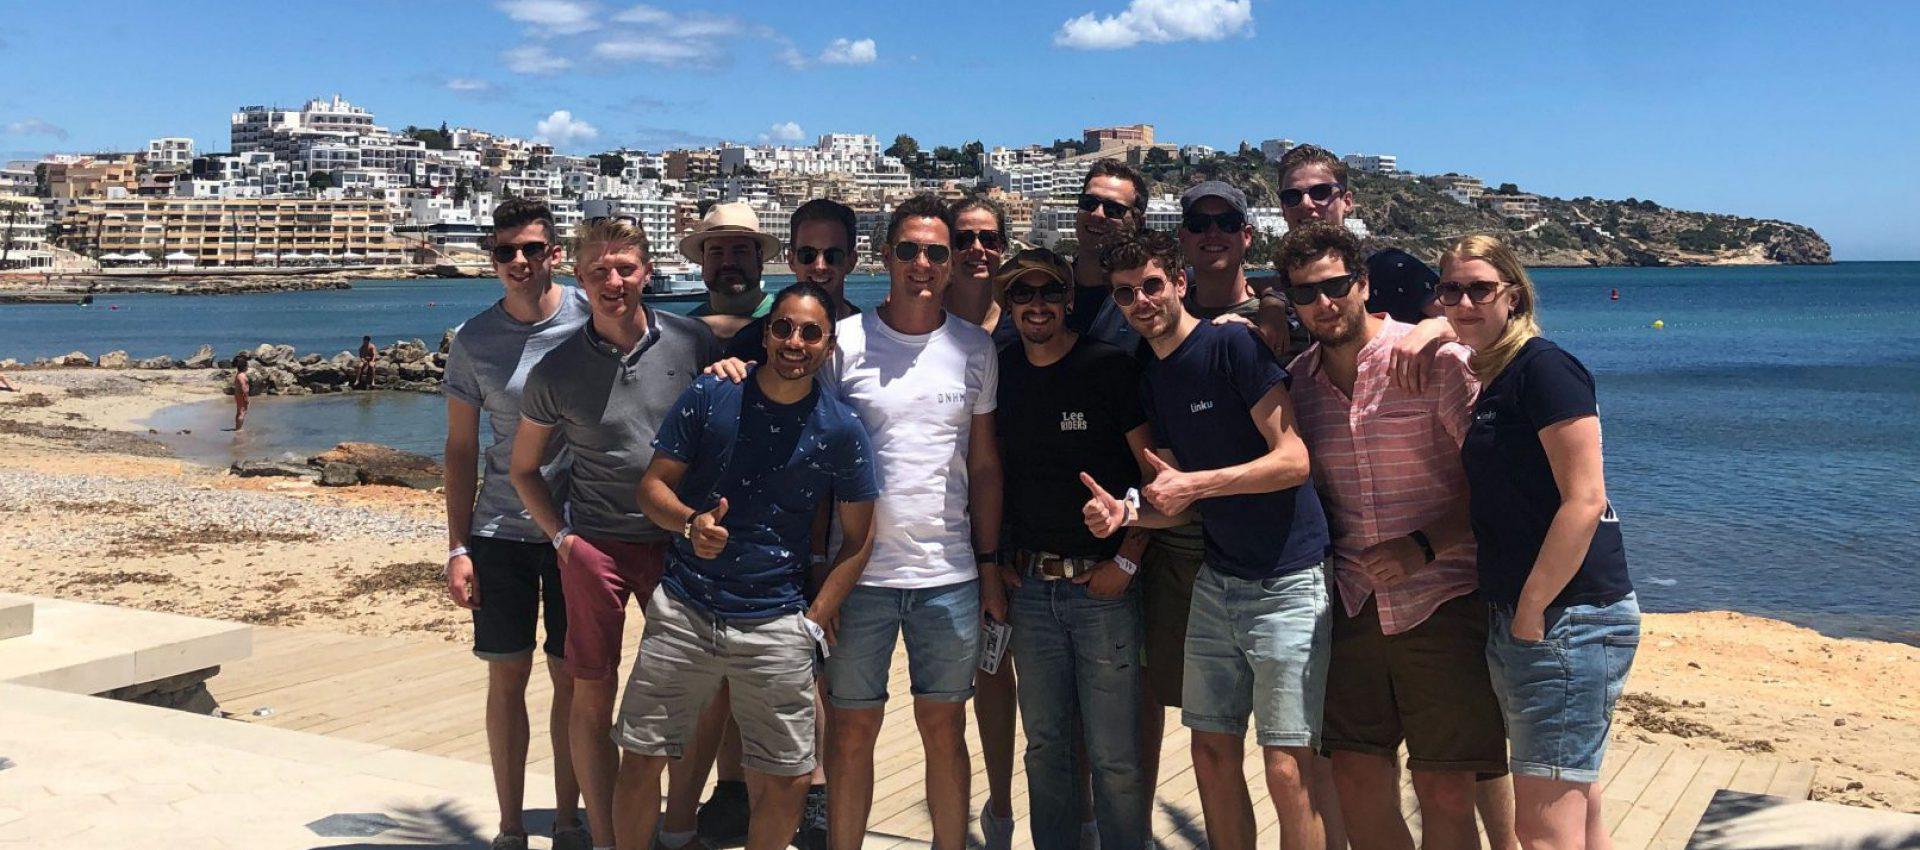 Afbeelding voor Linku werkvakantie 2019: Eat, sleep, work, repeat op Ibiza